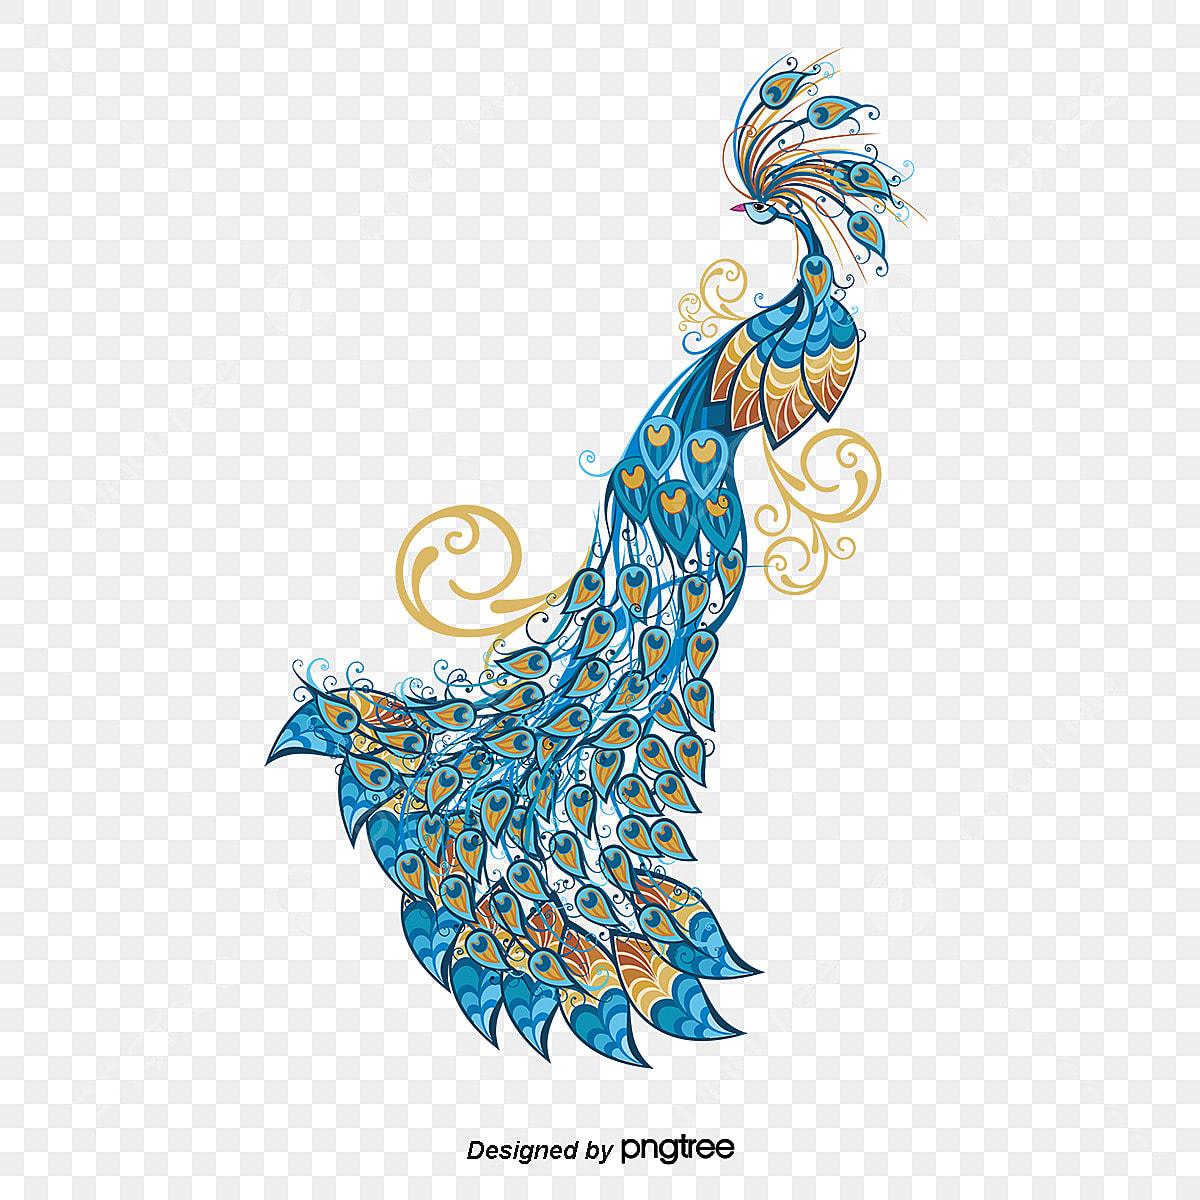 Peacock Clip Art